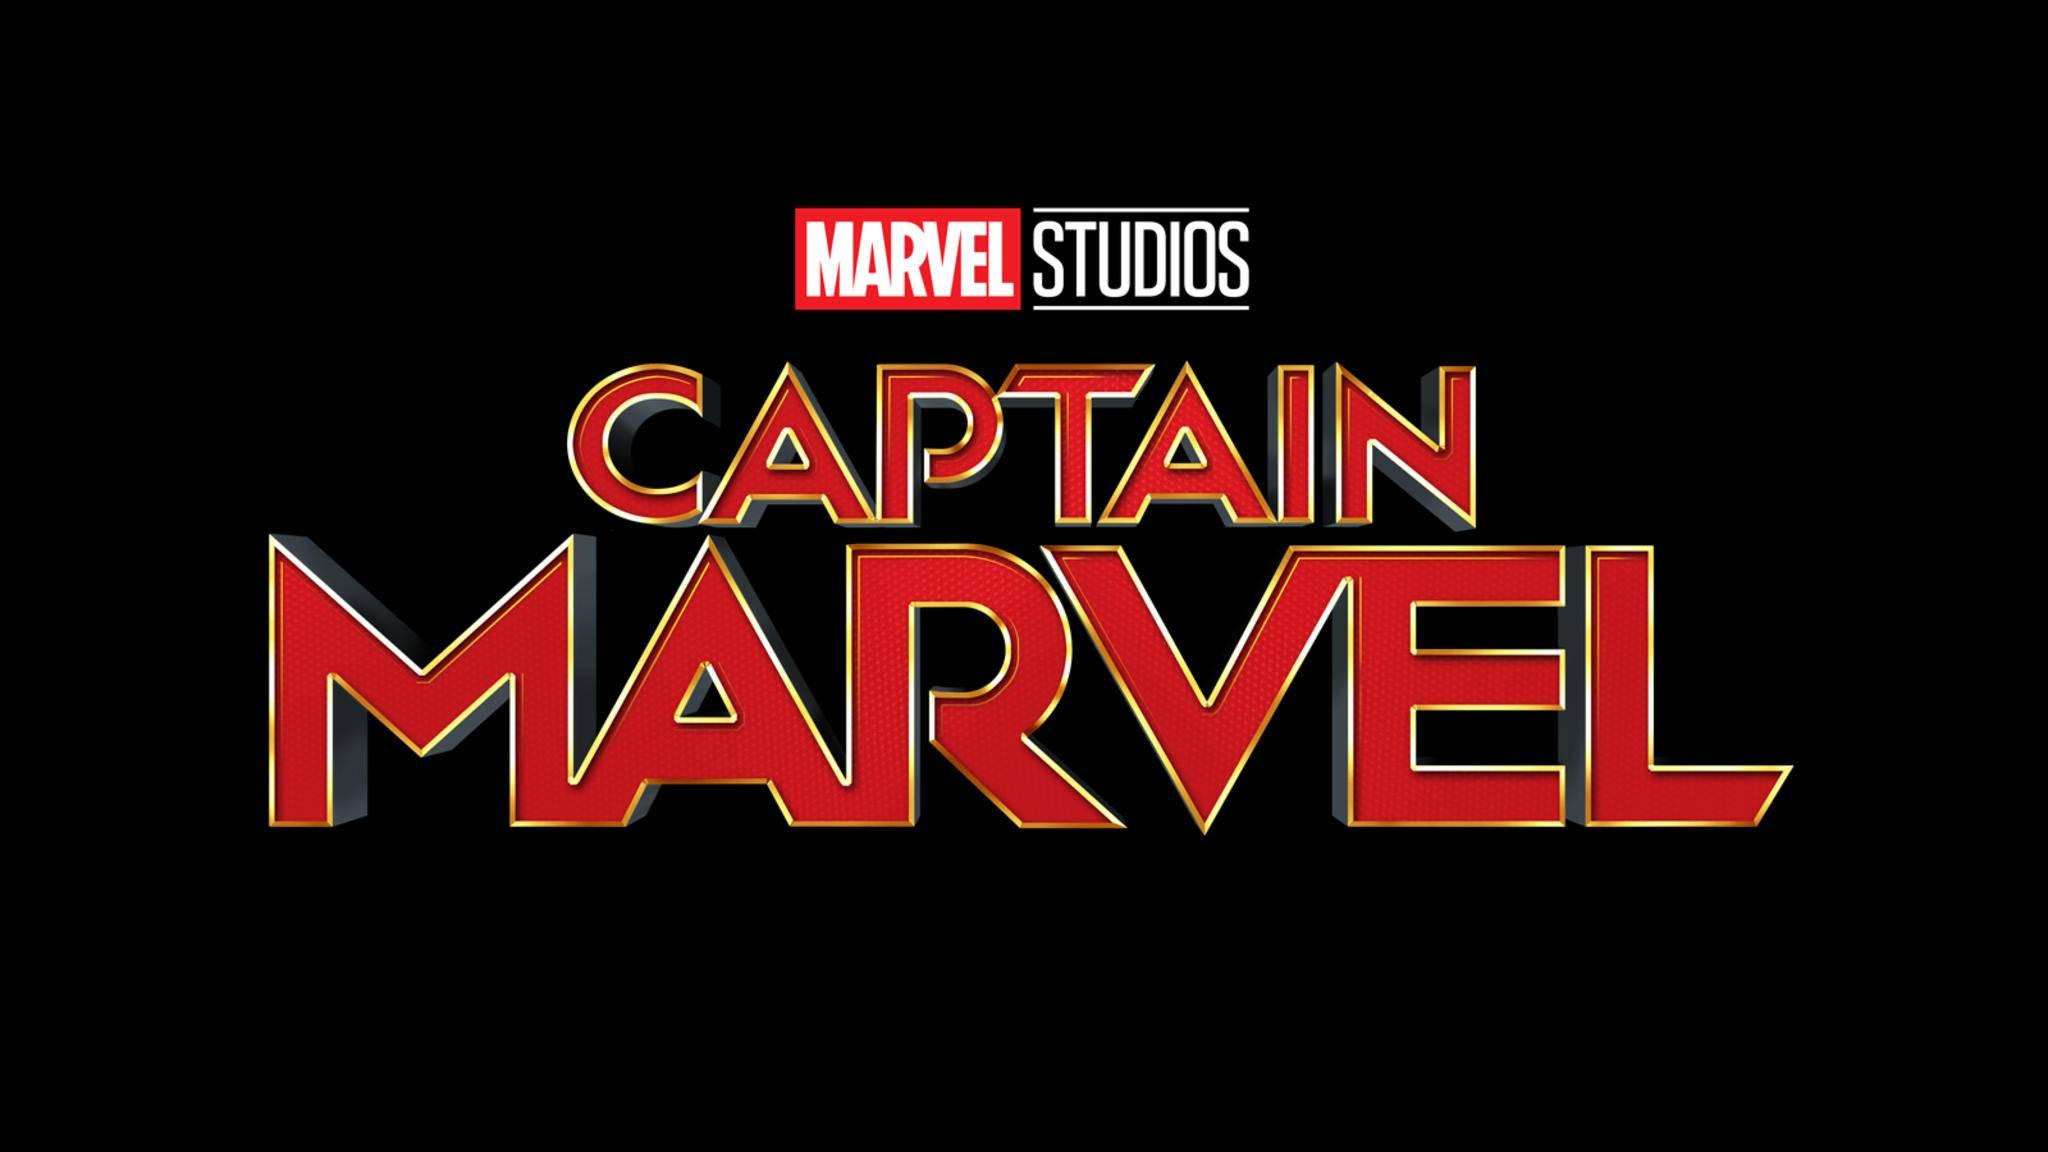 Marvels Powerfrau soll im März 2019 die Kinos erobern.